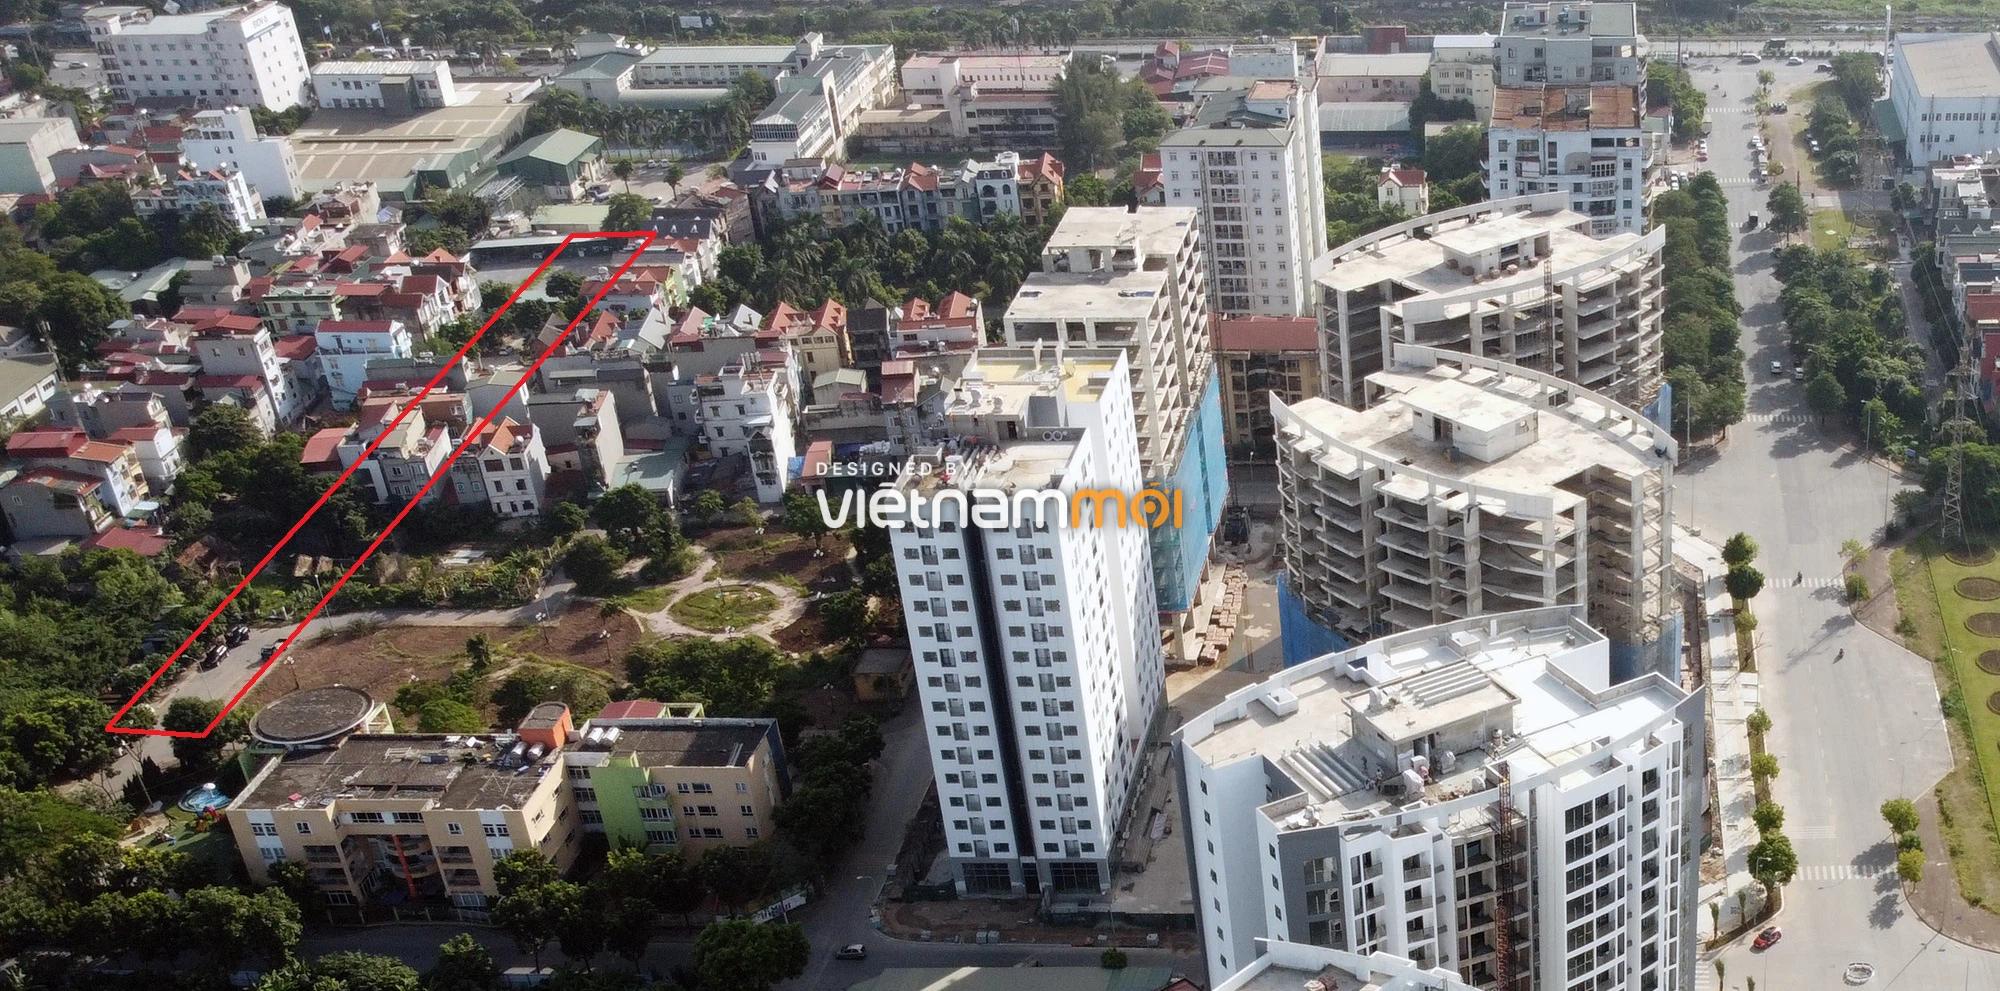 Những khu đất sắp thu hồi để mở đường ở phường Sài Đồng, Long Biên, Hà Nội (phần 1) - Ảnh 8.